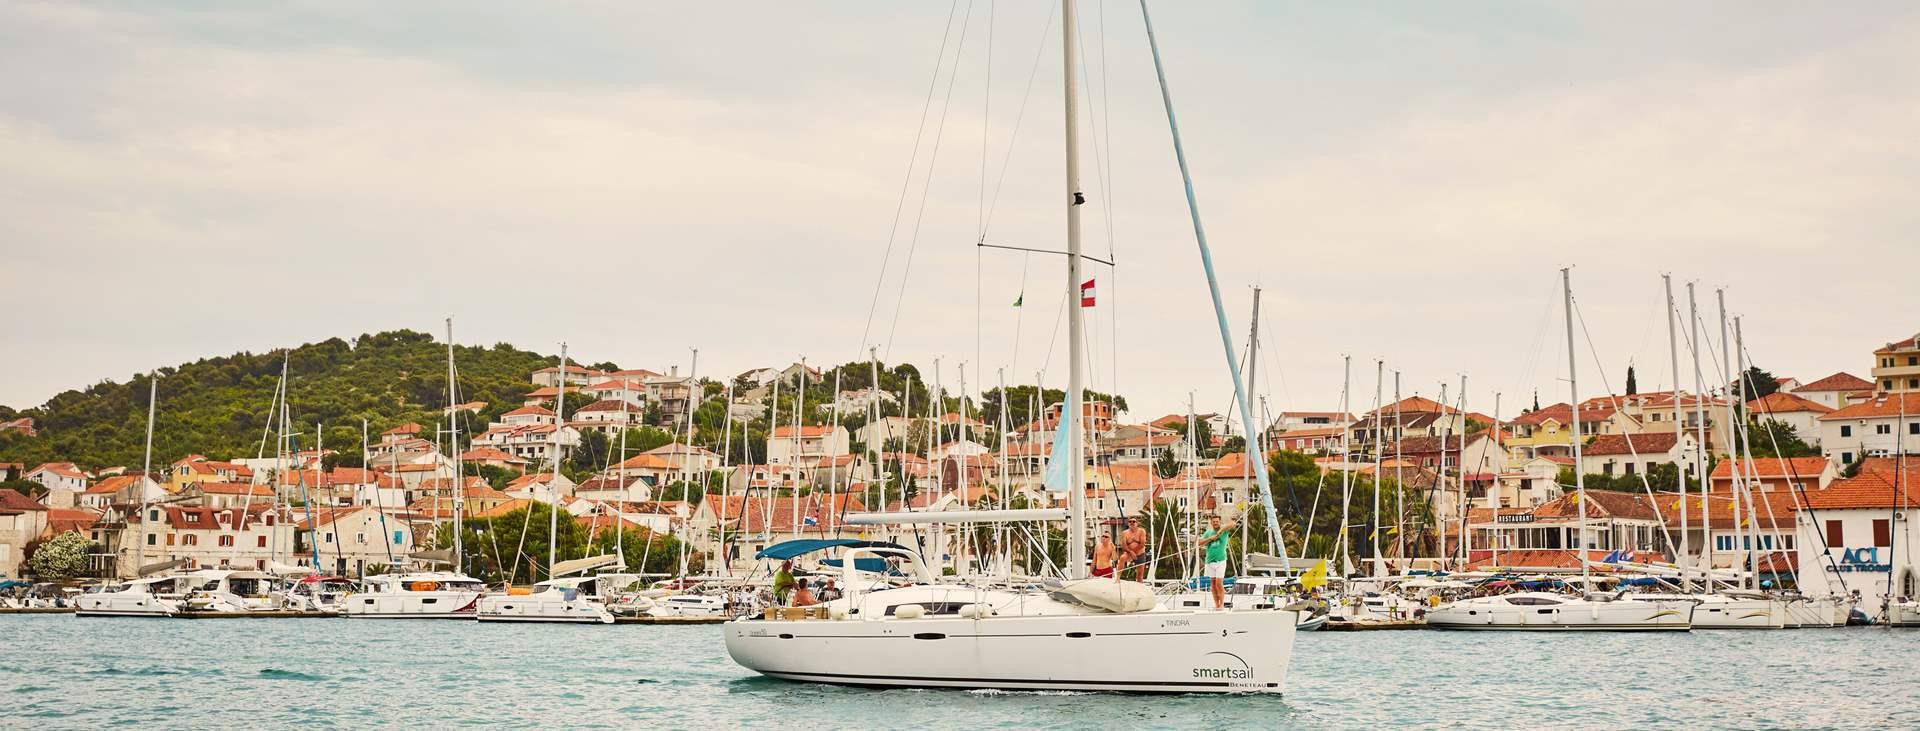 Boka din resa till Trogir i Kroatien med Ving